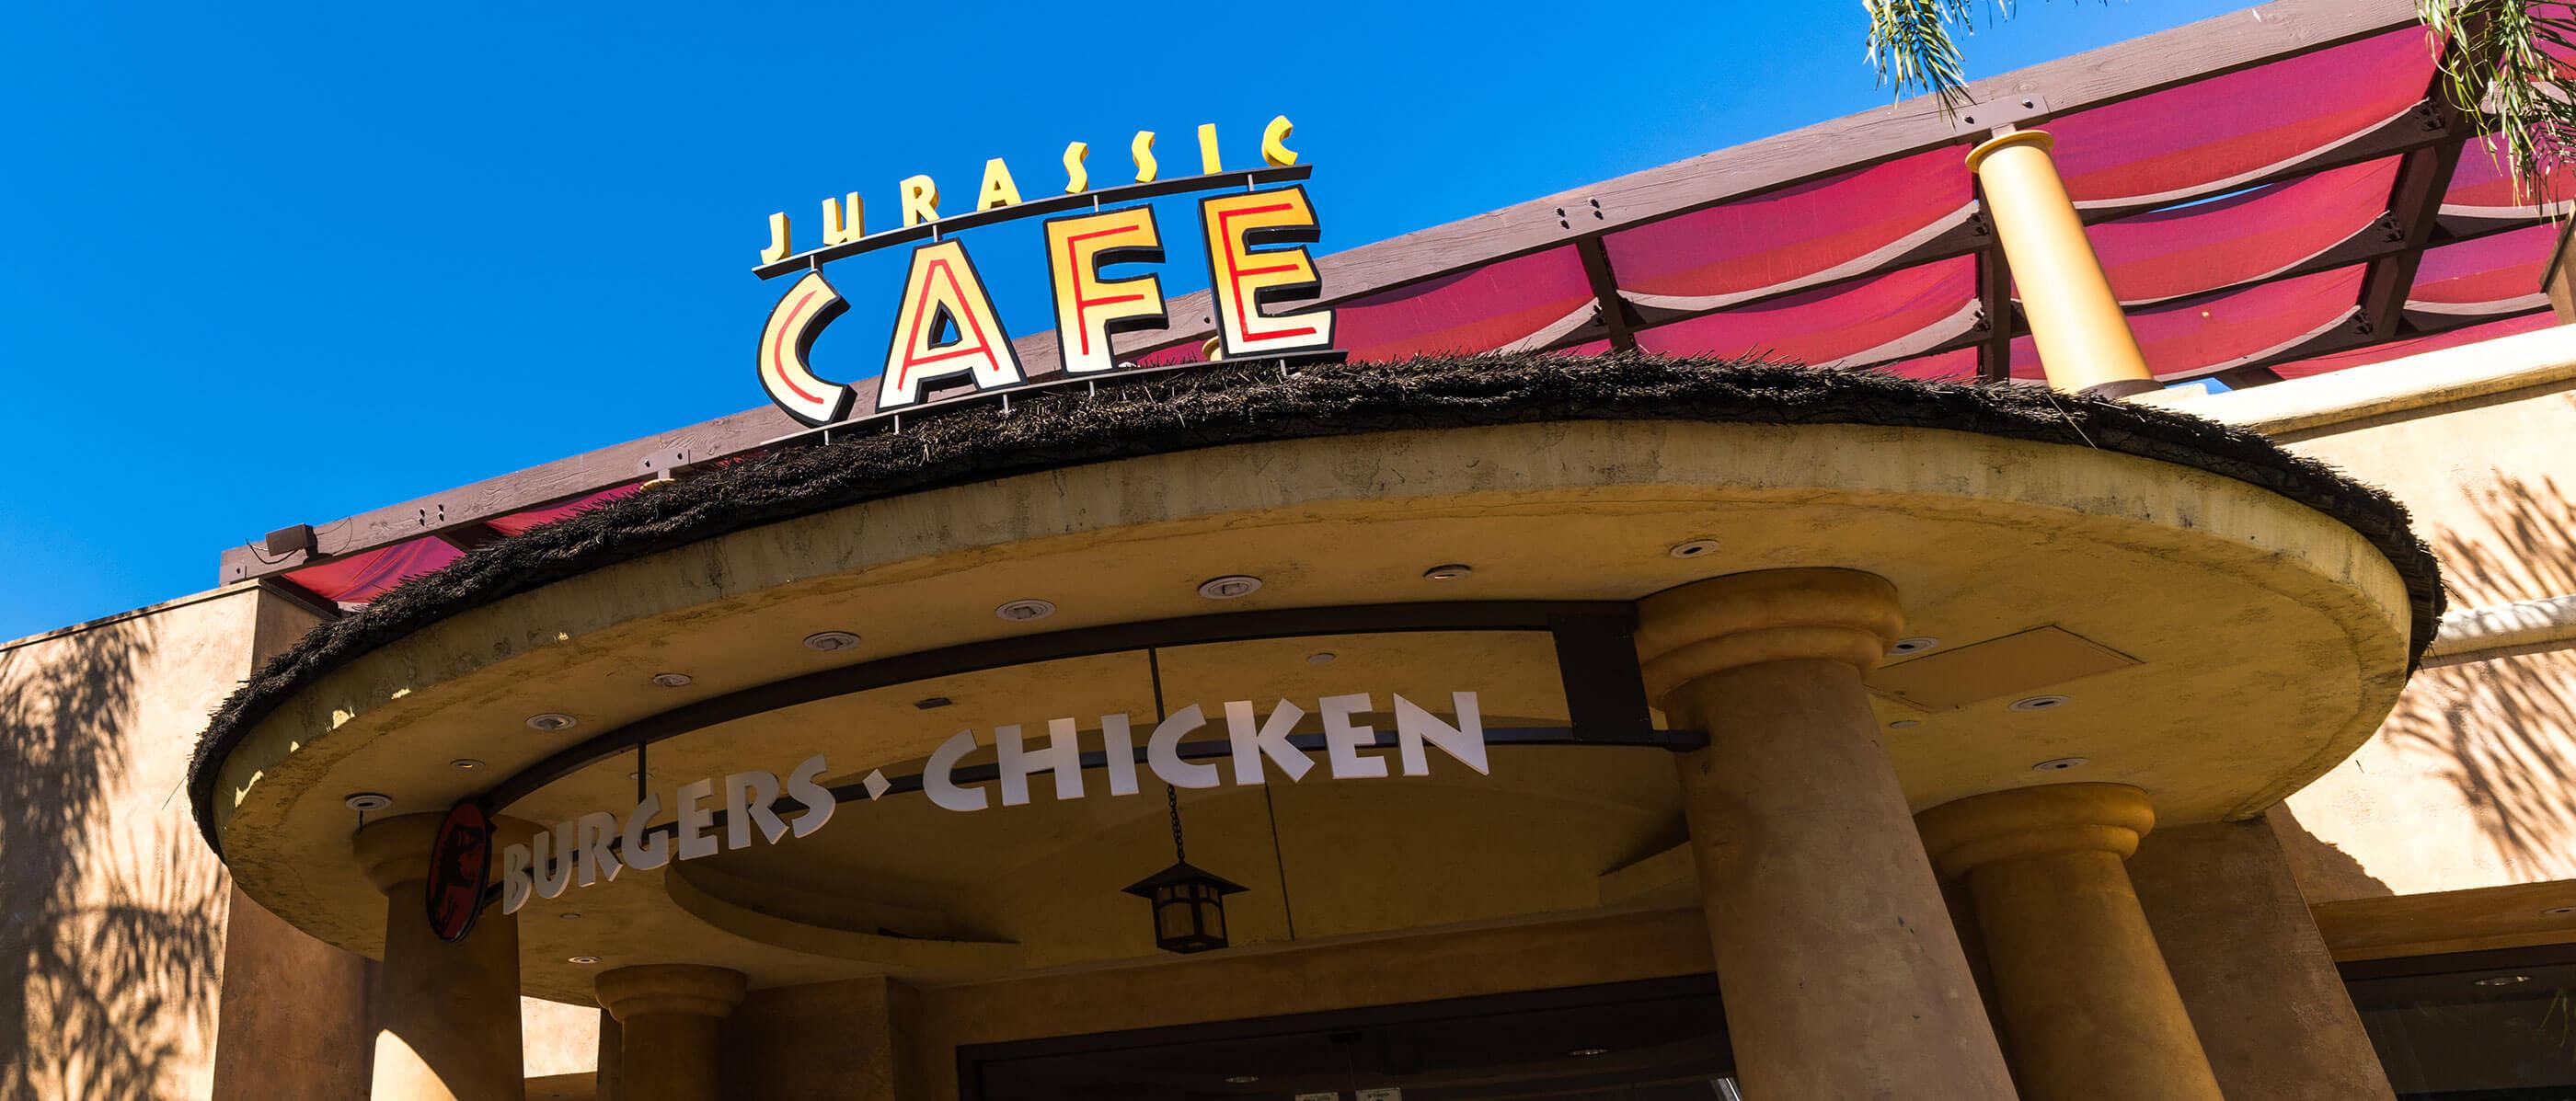 ジュラシックカフェ